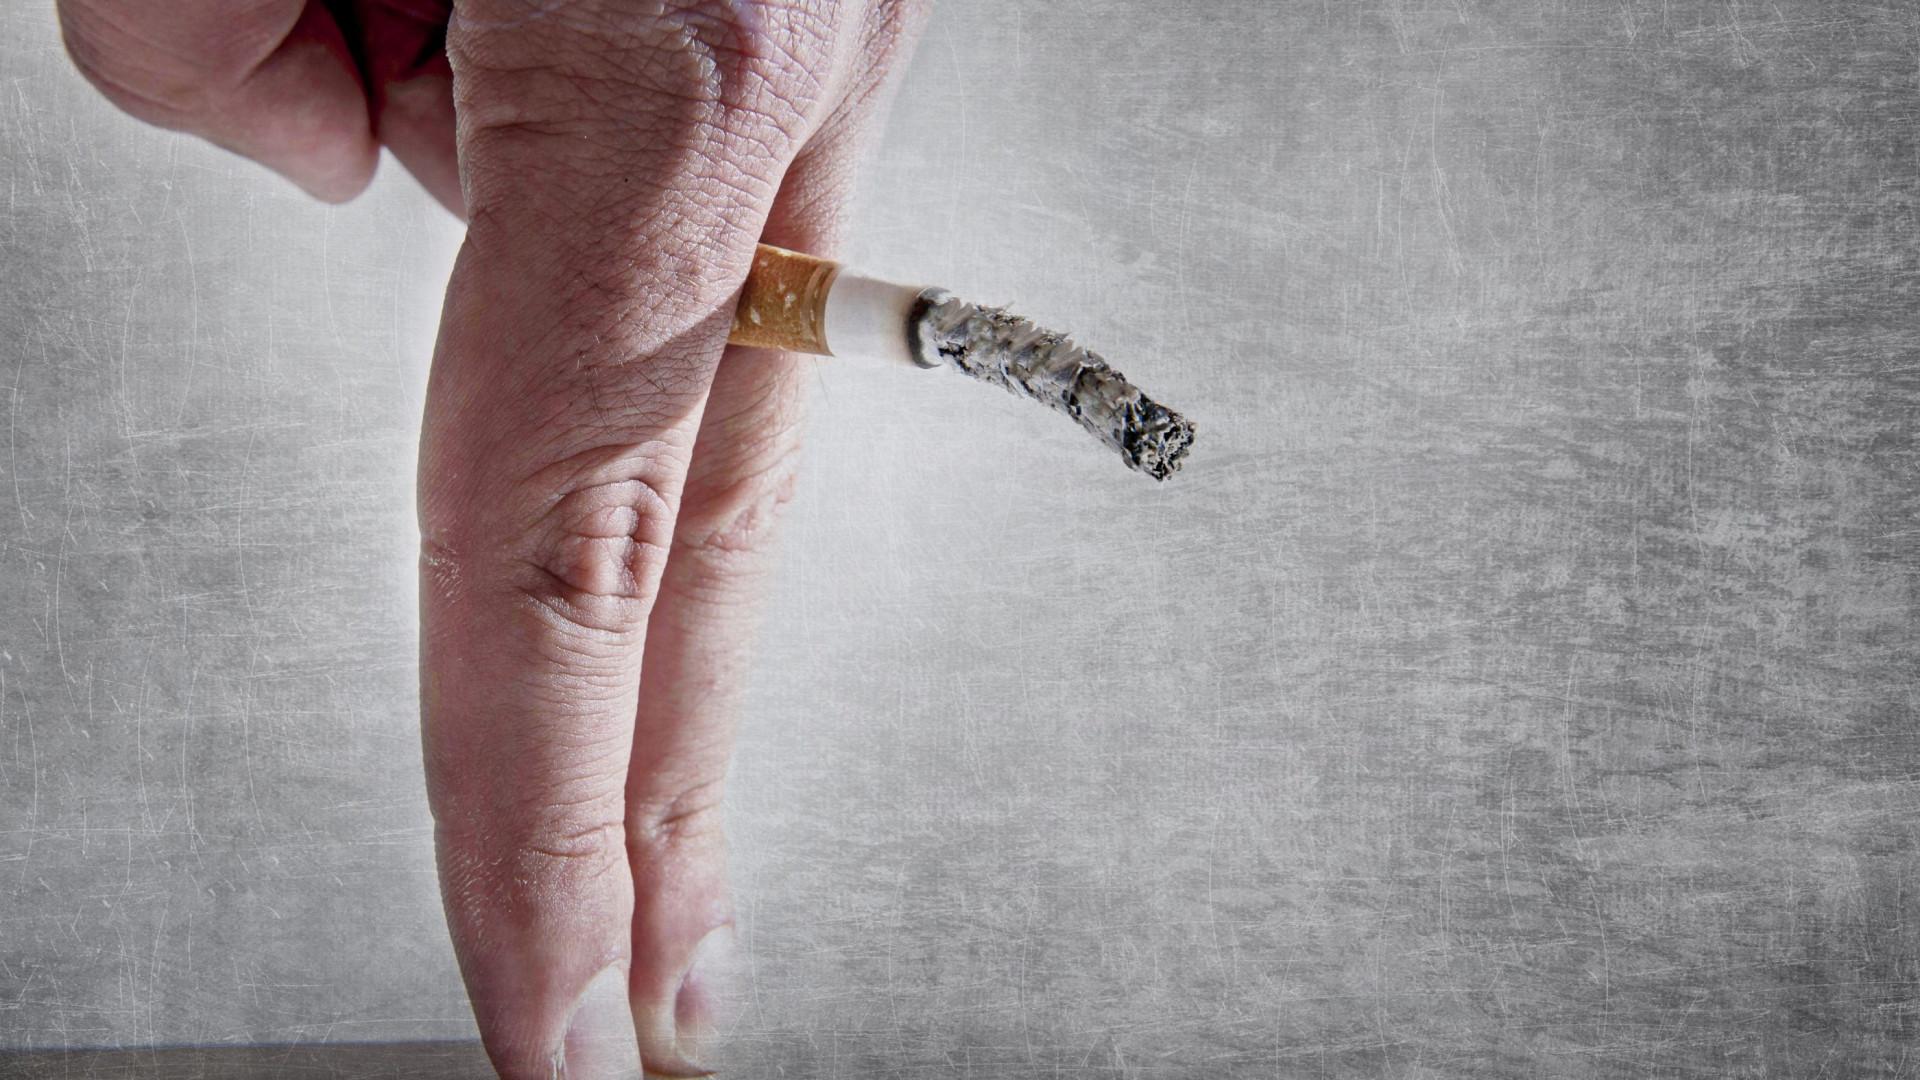 Cinco mitos bizarros sobre o corpo humano (da gordura à impotência)